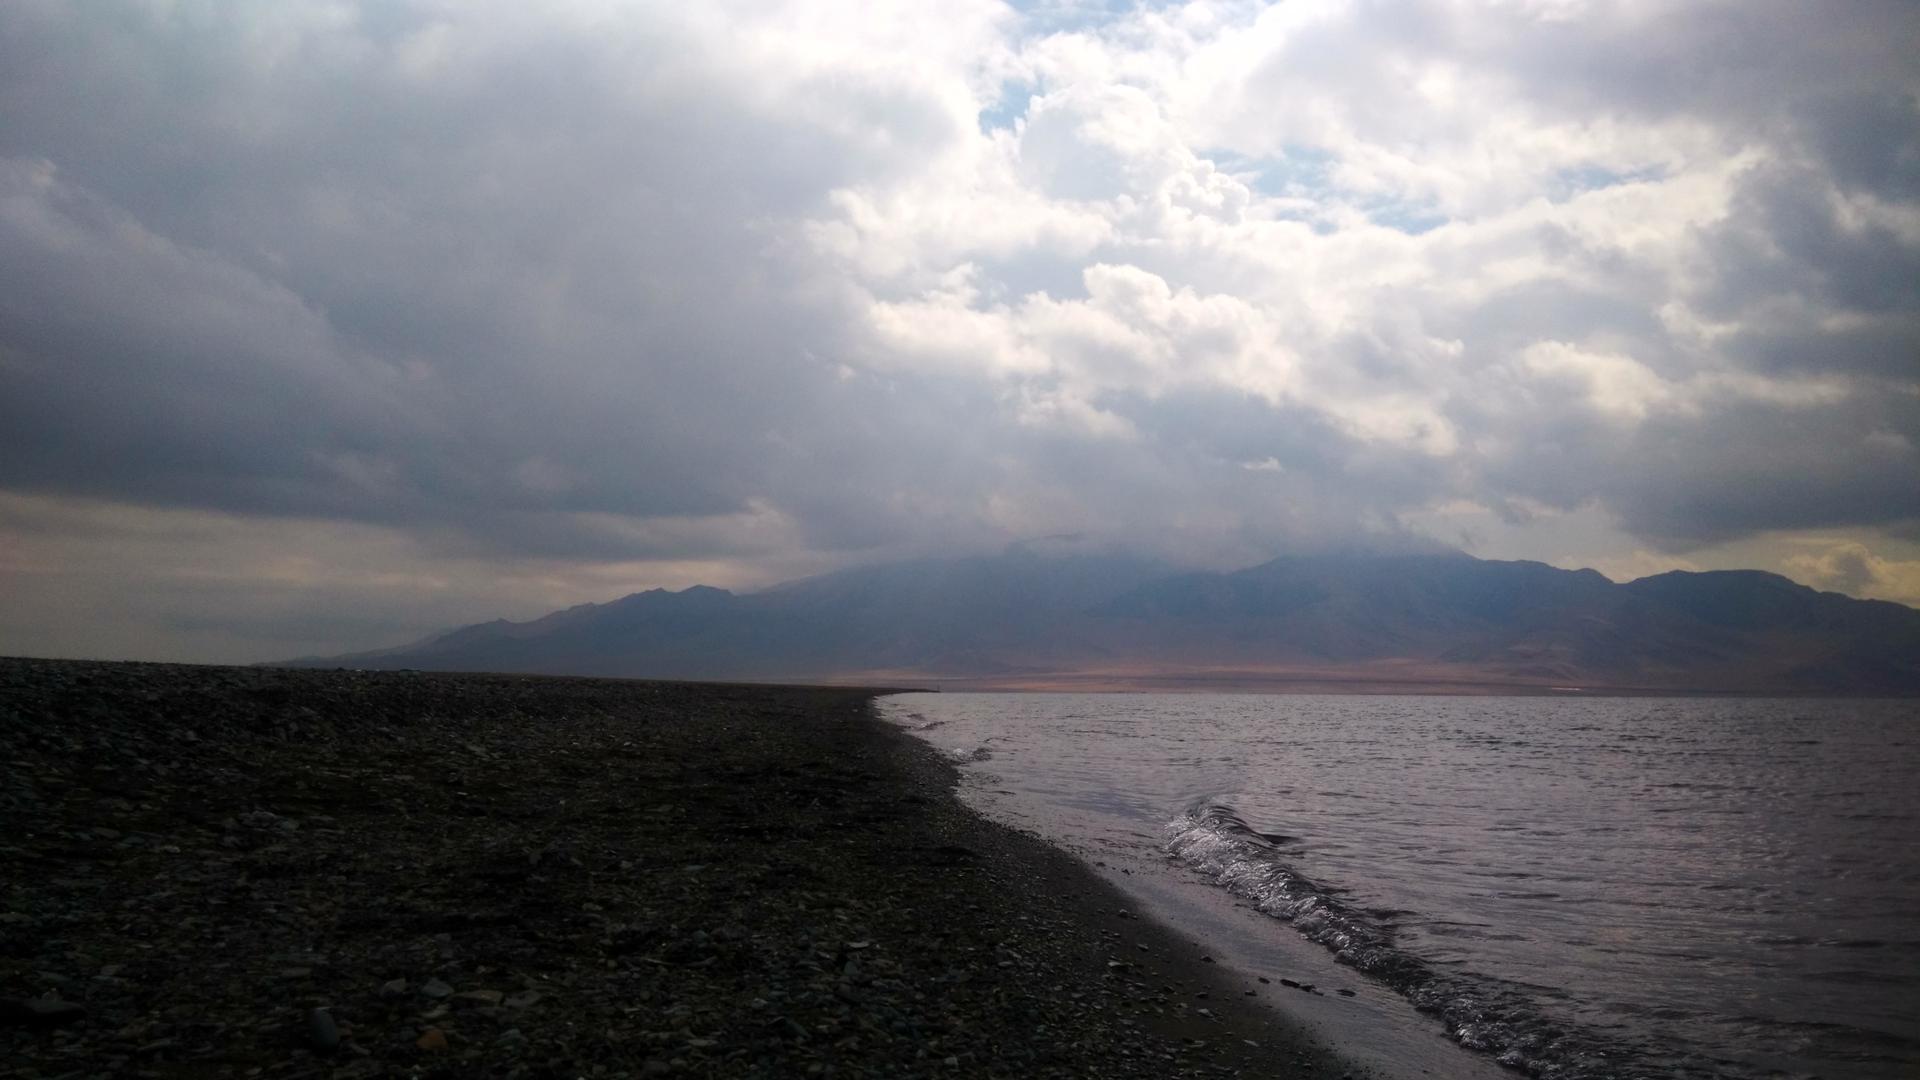 赛里木湖旅游景点攻略图康定稻城自驾游攻略图片